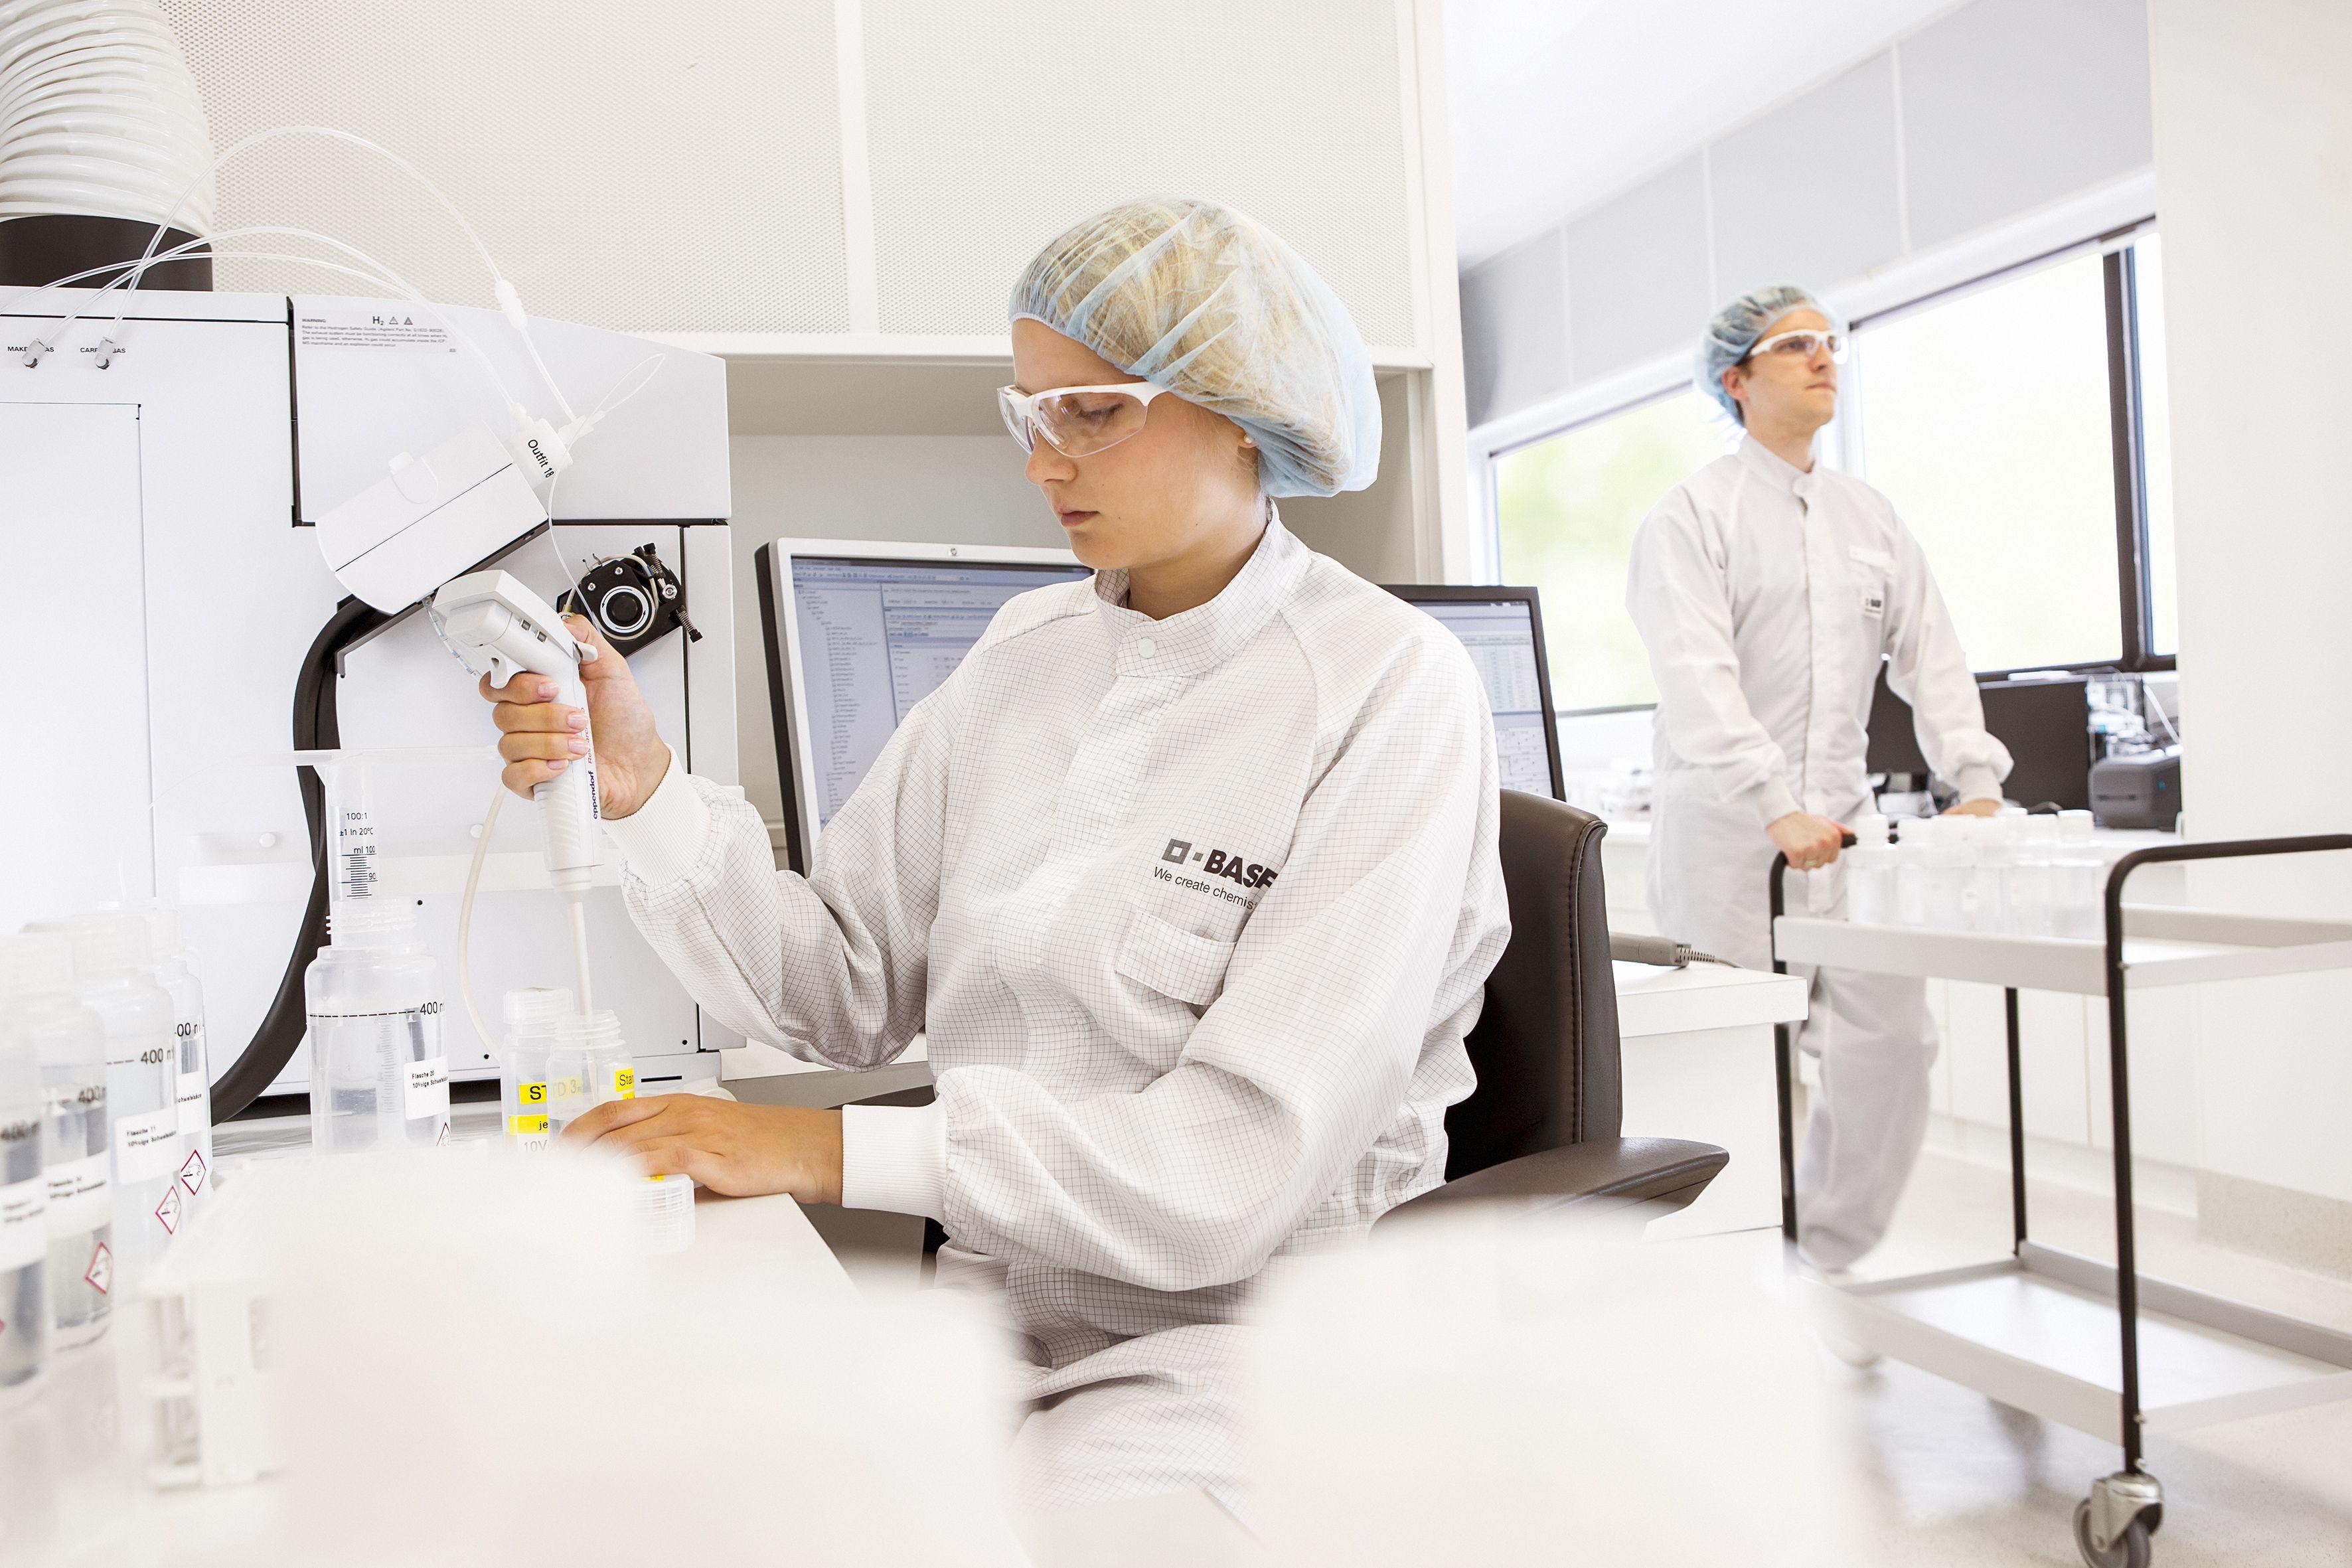 Analyse von Chemikalien für die Halbleiterindustrie in einem Labor von BASF. / Foto: Unternehmen